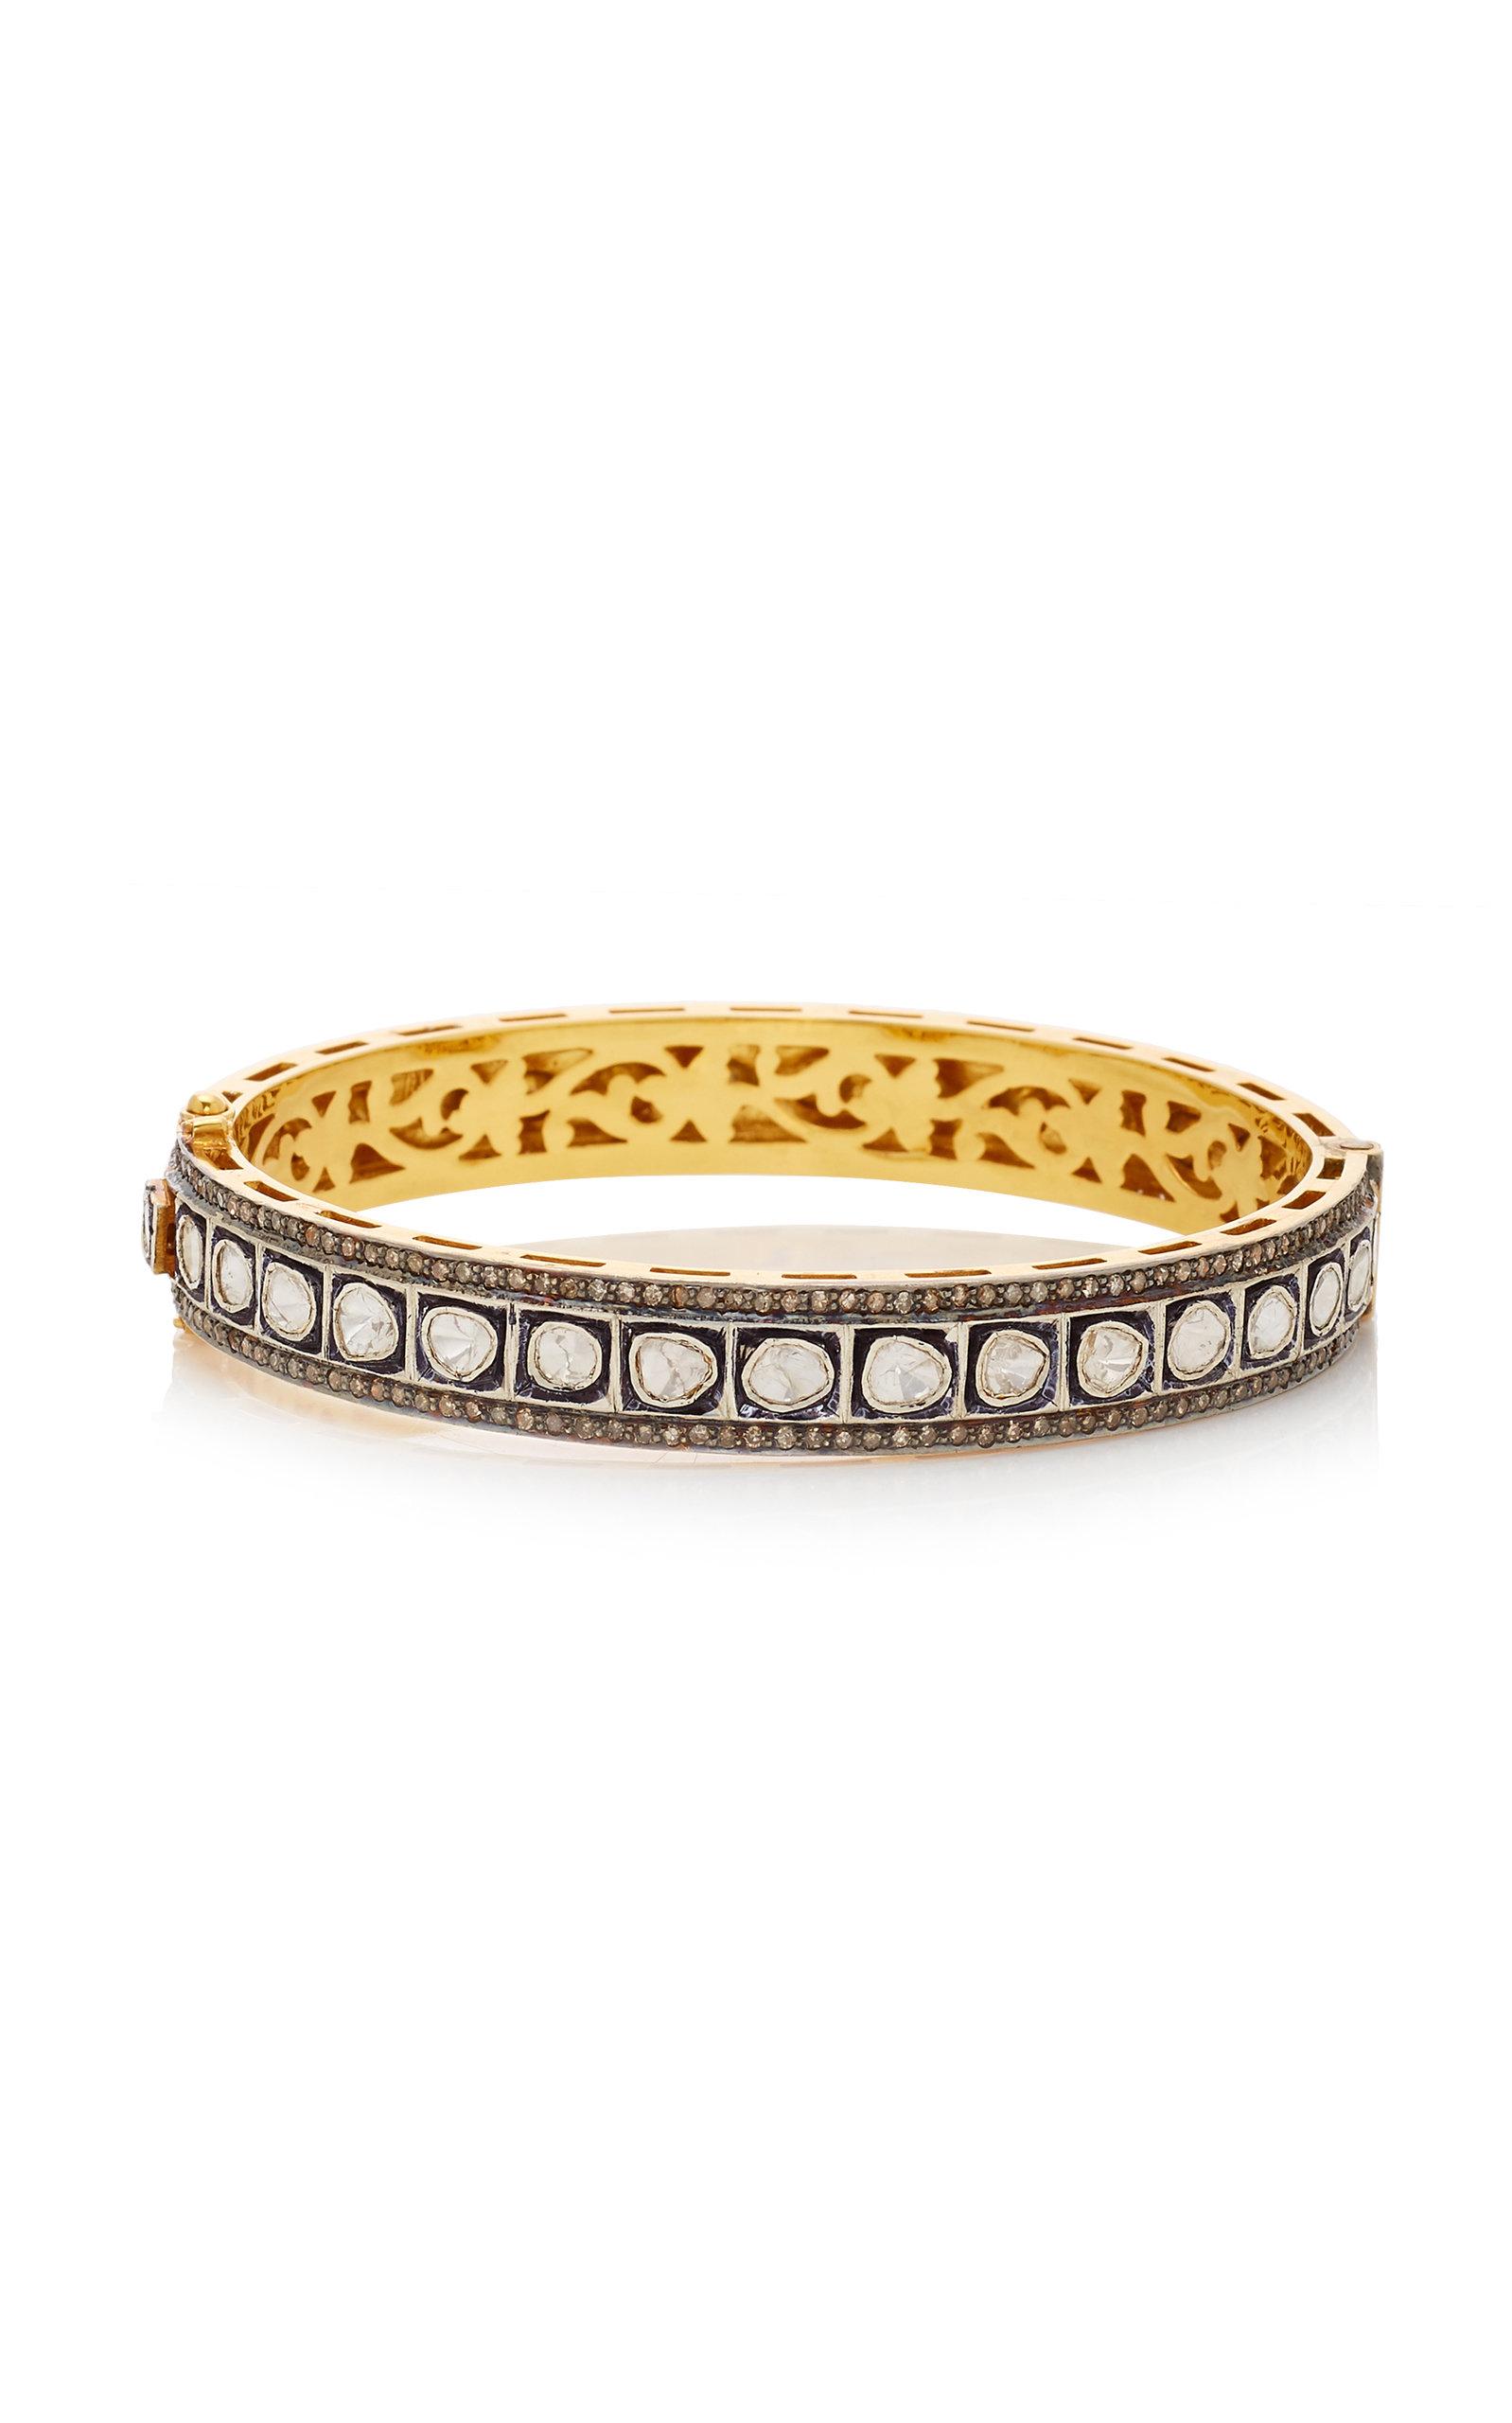 SANJAY KASLIWAL 14K Gold Silver And Diamond Bracelet